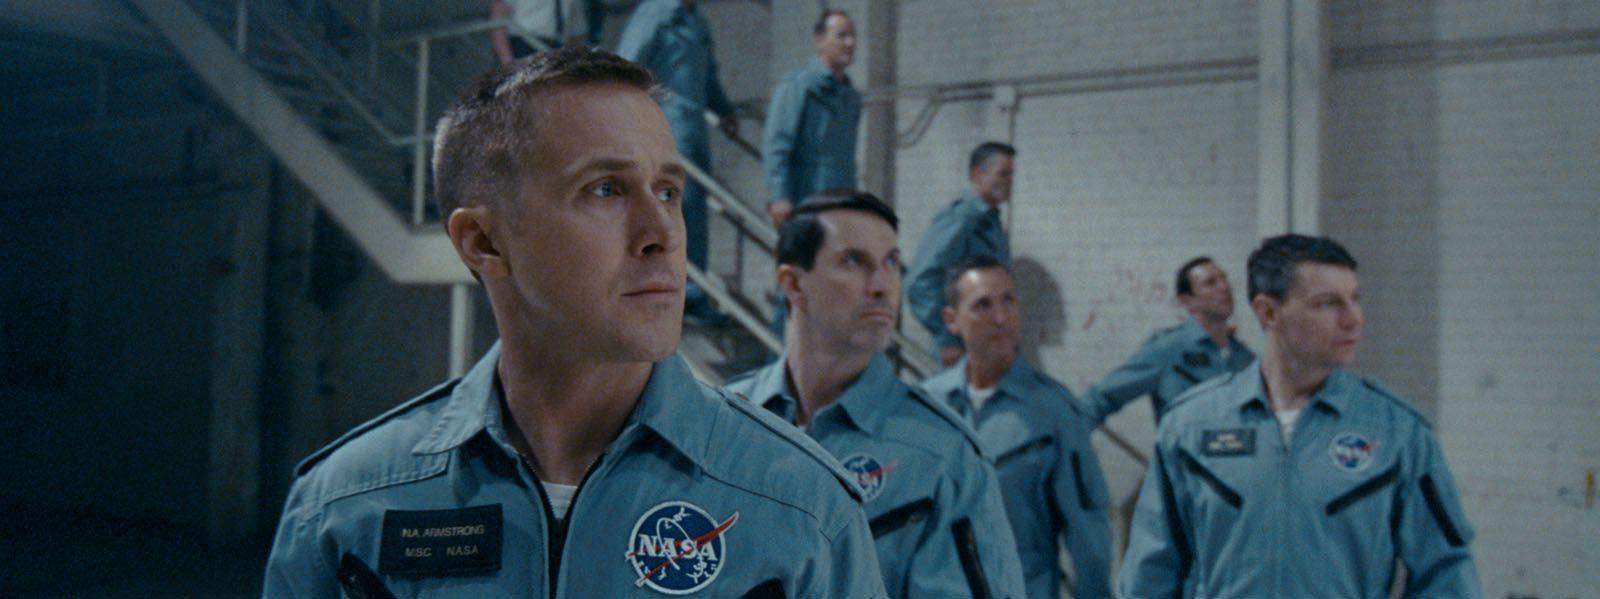 First Man (BANDE-ANNONCE) de Damien Chazelle avec Ryan Gosling - Le 17 octobre 2018 au cinéma